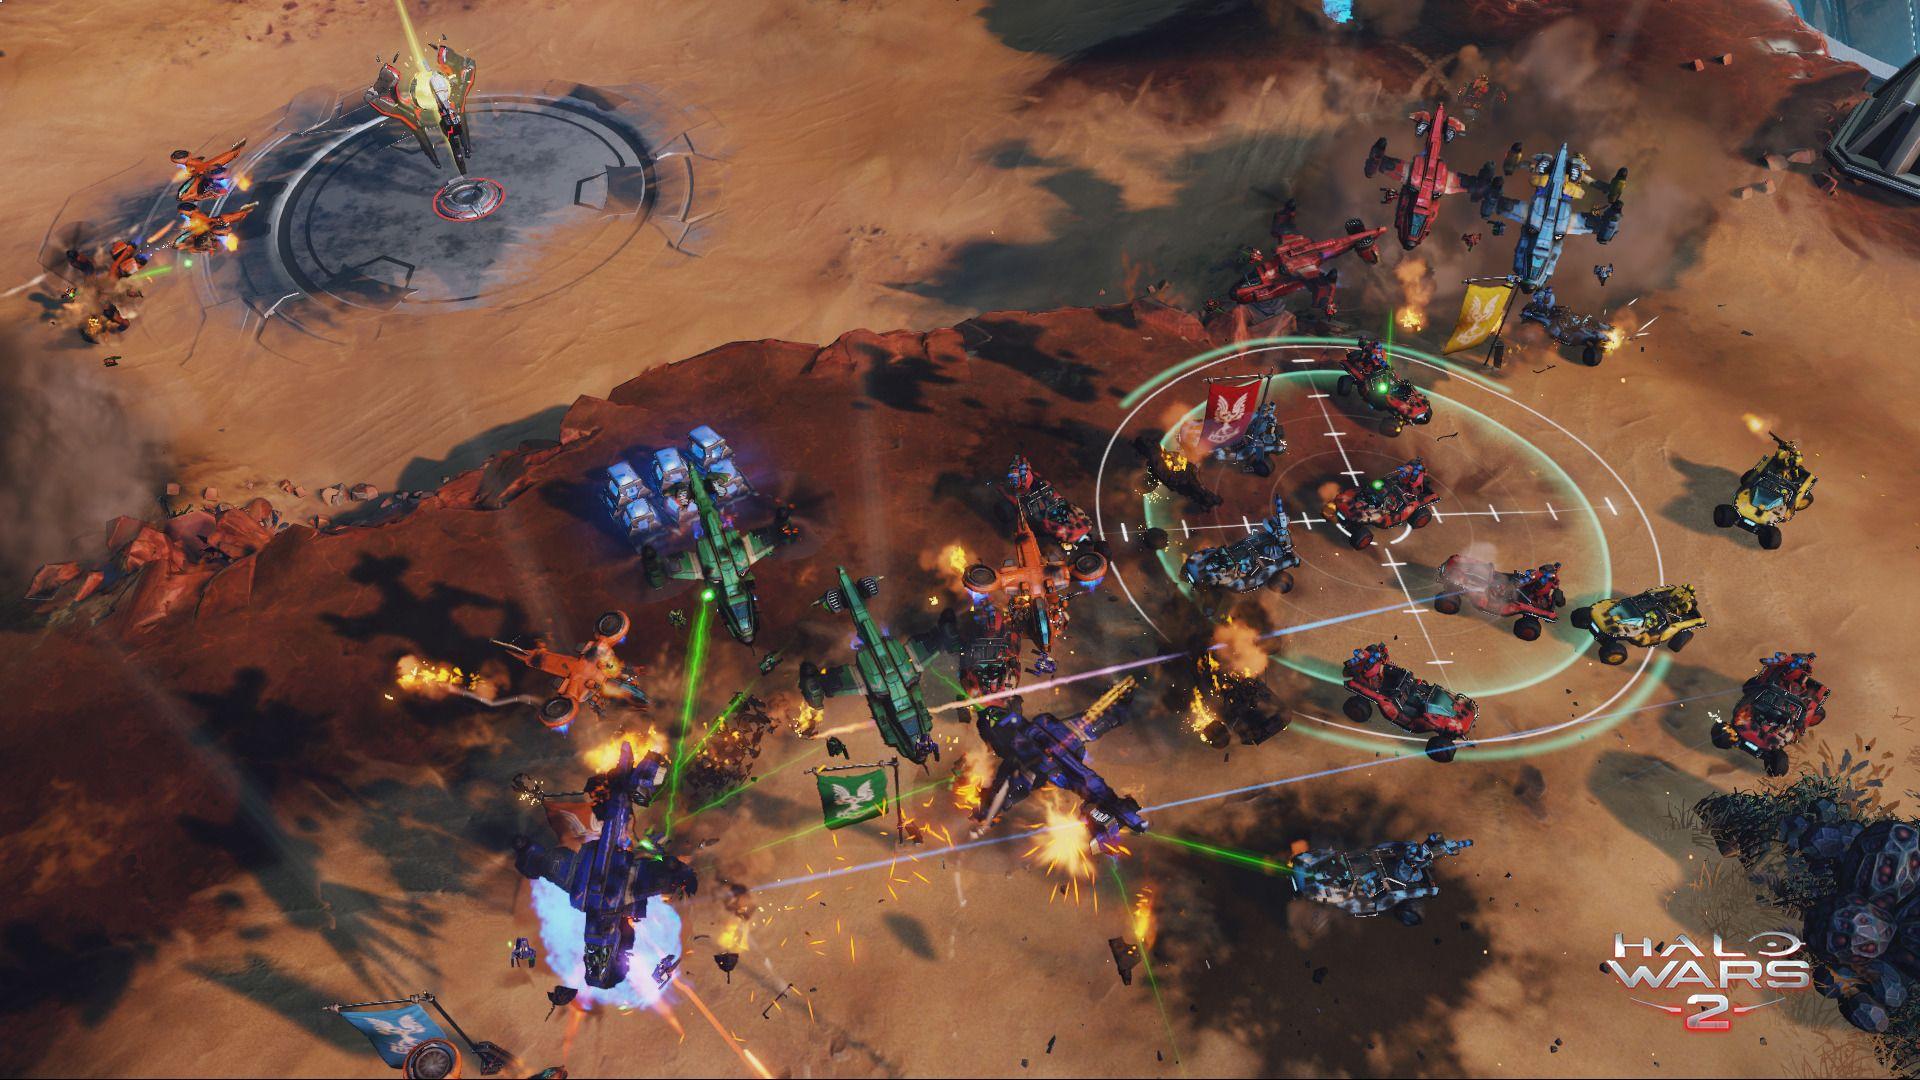 A következő hónap közepén folytatódik az Overwatch bétatesztelése, mégpedig egy új játékmóddal és ahhoz.